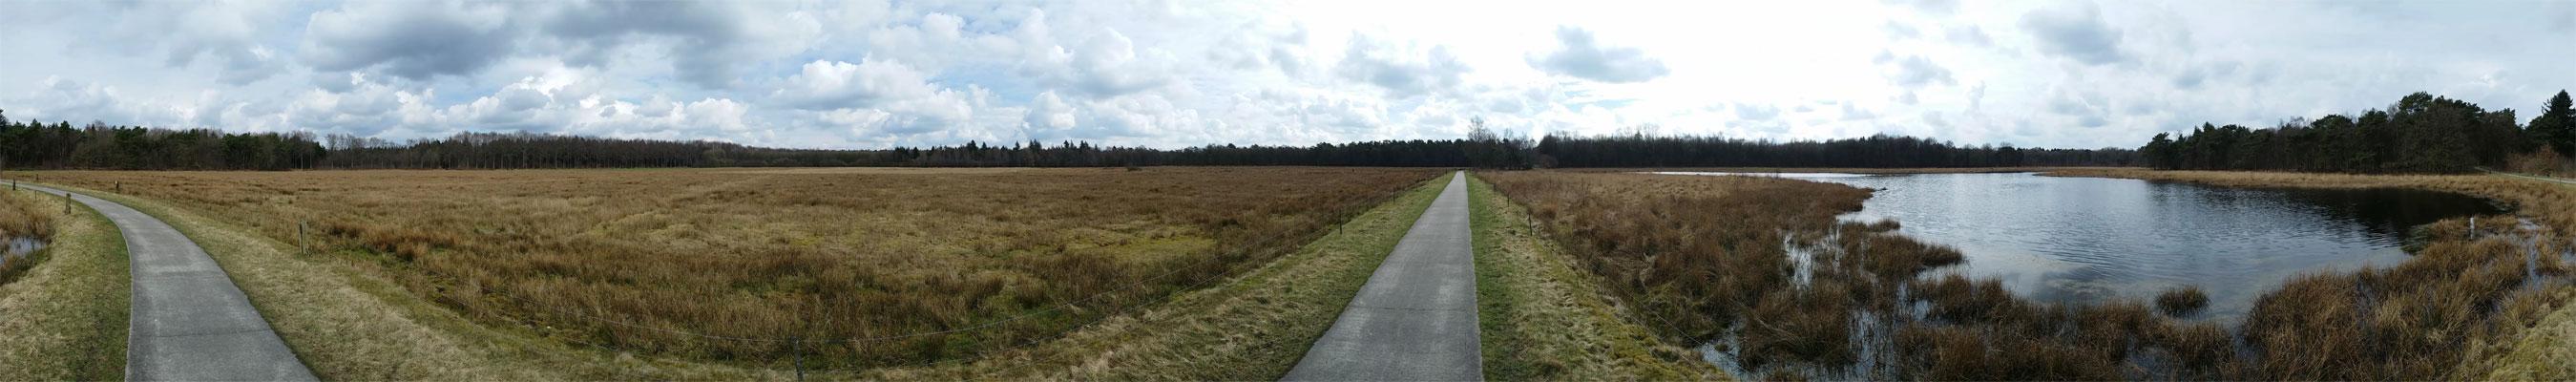 Panorama-familiepad-Ruinen-Het-Bovenveen-voetzoekers